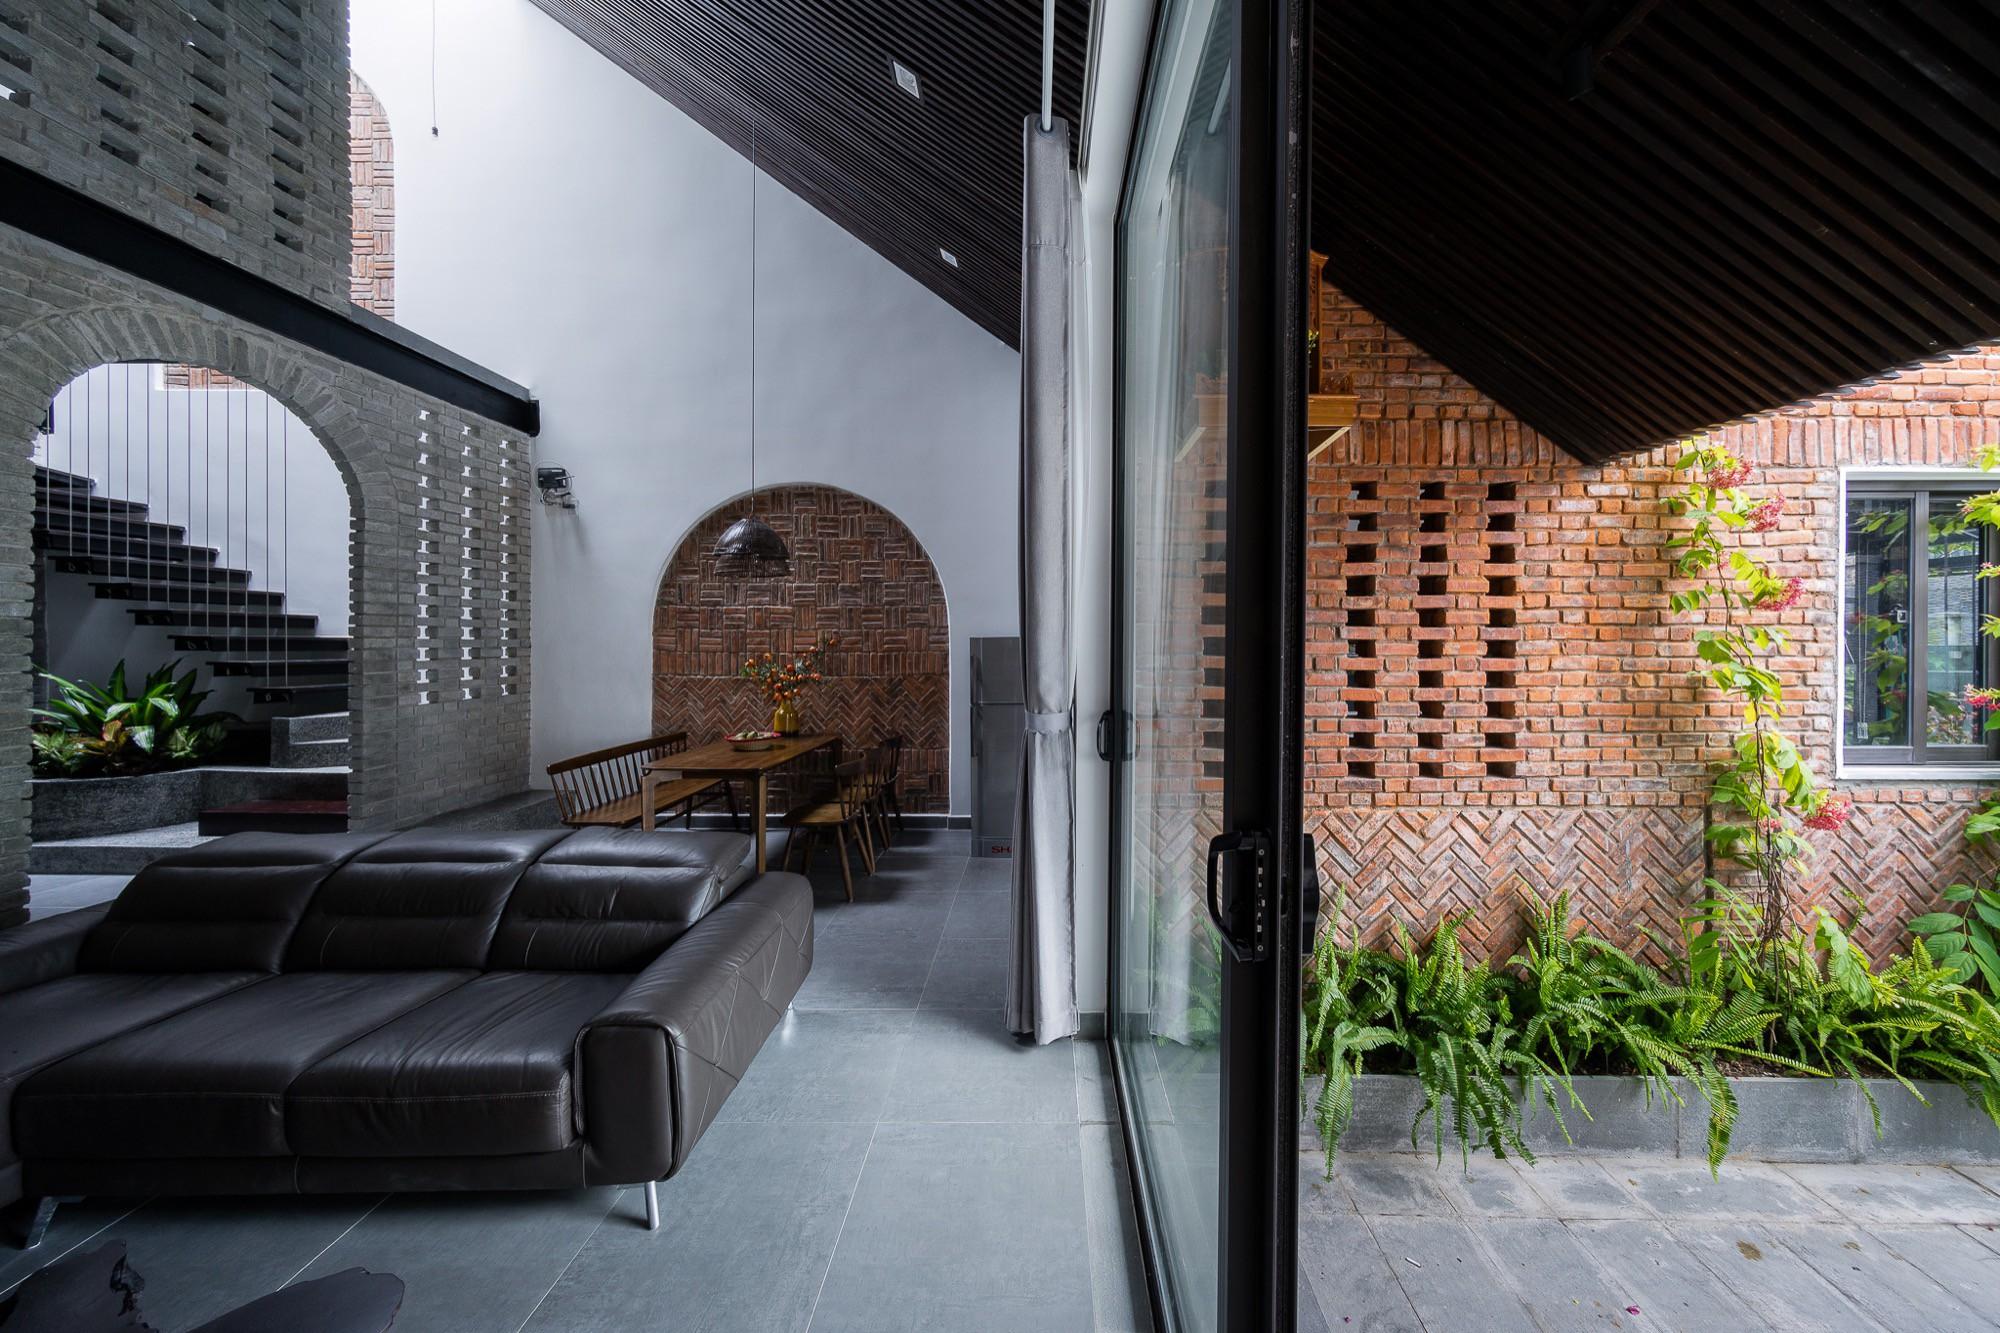 Ngôi nhà gạch 2 tầng của cặp vợ chồng già ở Đà Nẵng được tạp chí Mỹ xuýt xoa khen ngợi - Ảnh 5.